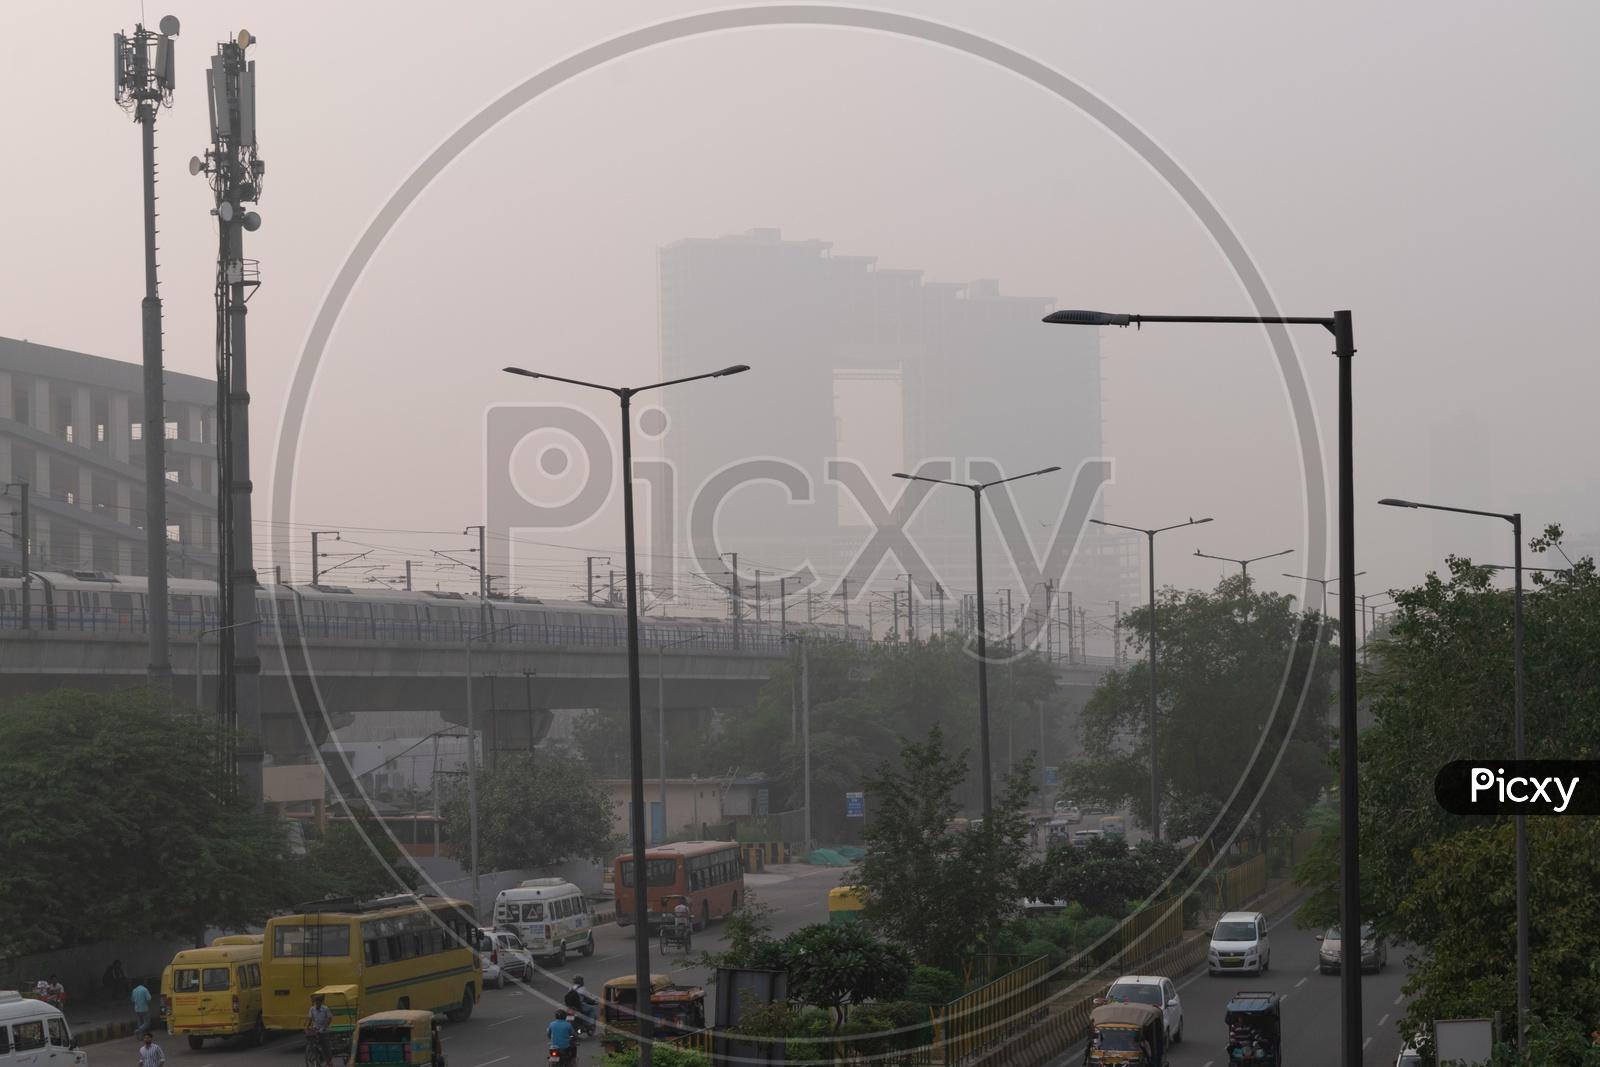 Pollution(smog) at severe level in Delhi NCR after Diwali